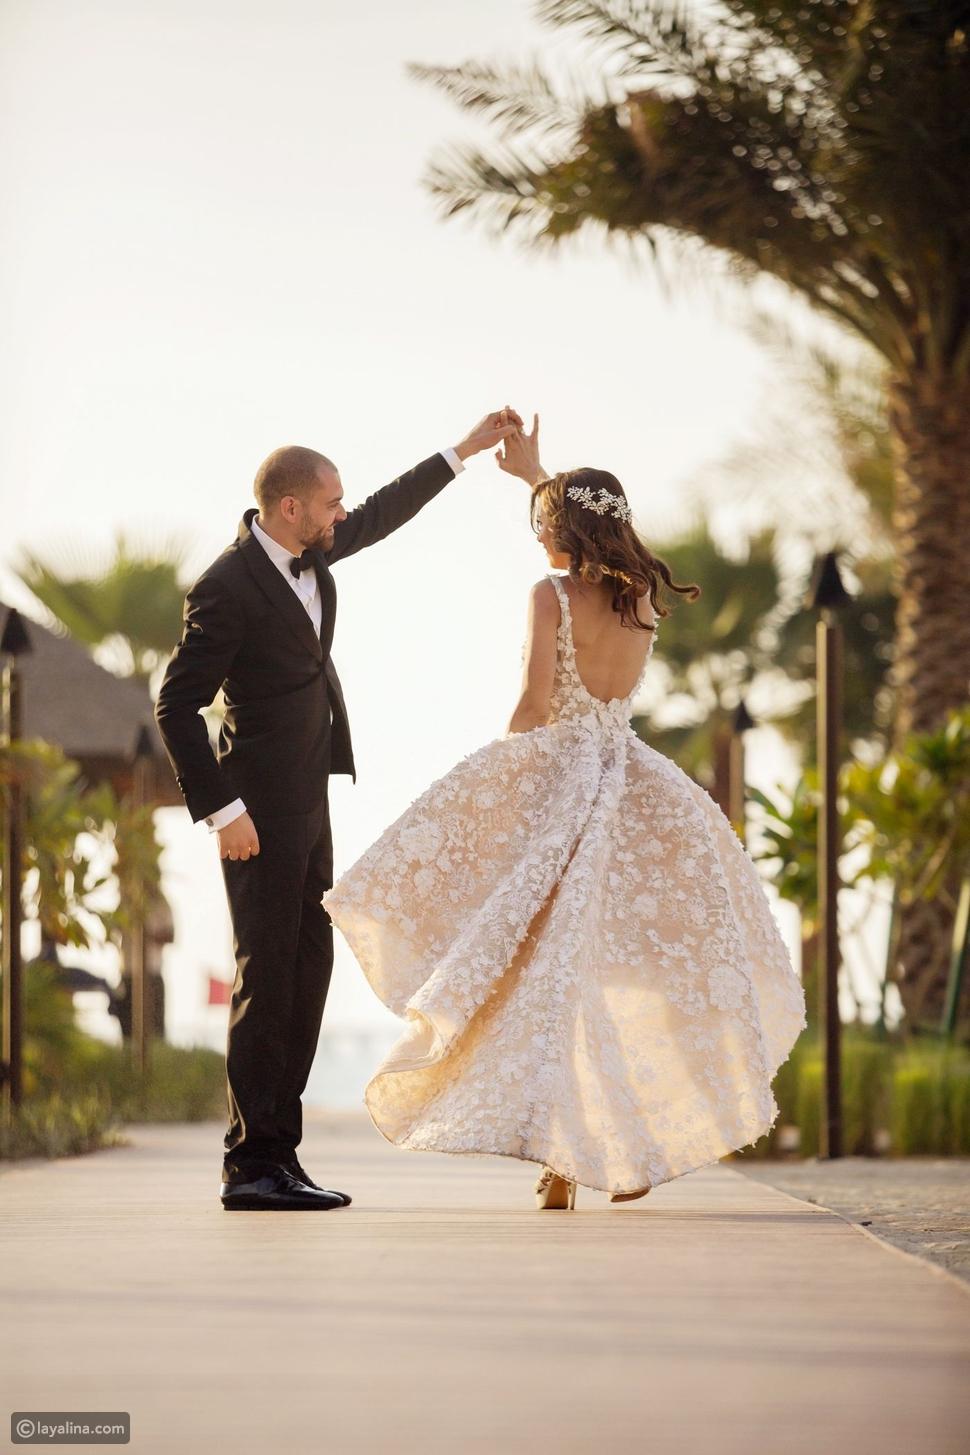 كيف تتجاوزين مشاكل التحضير لحفل الزفاف؟